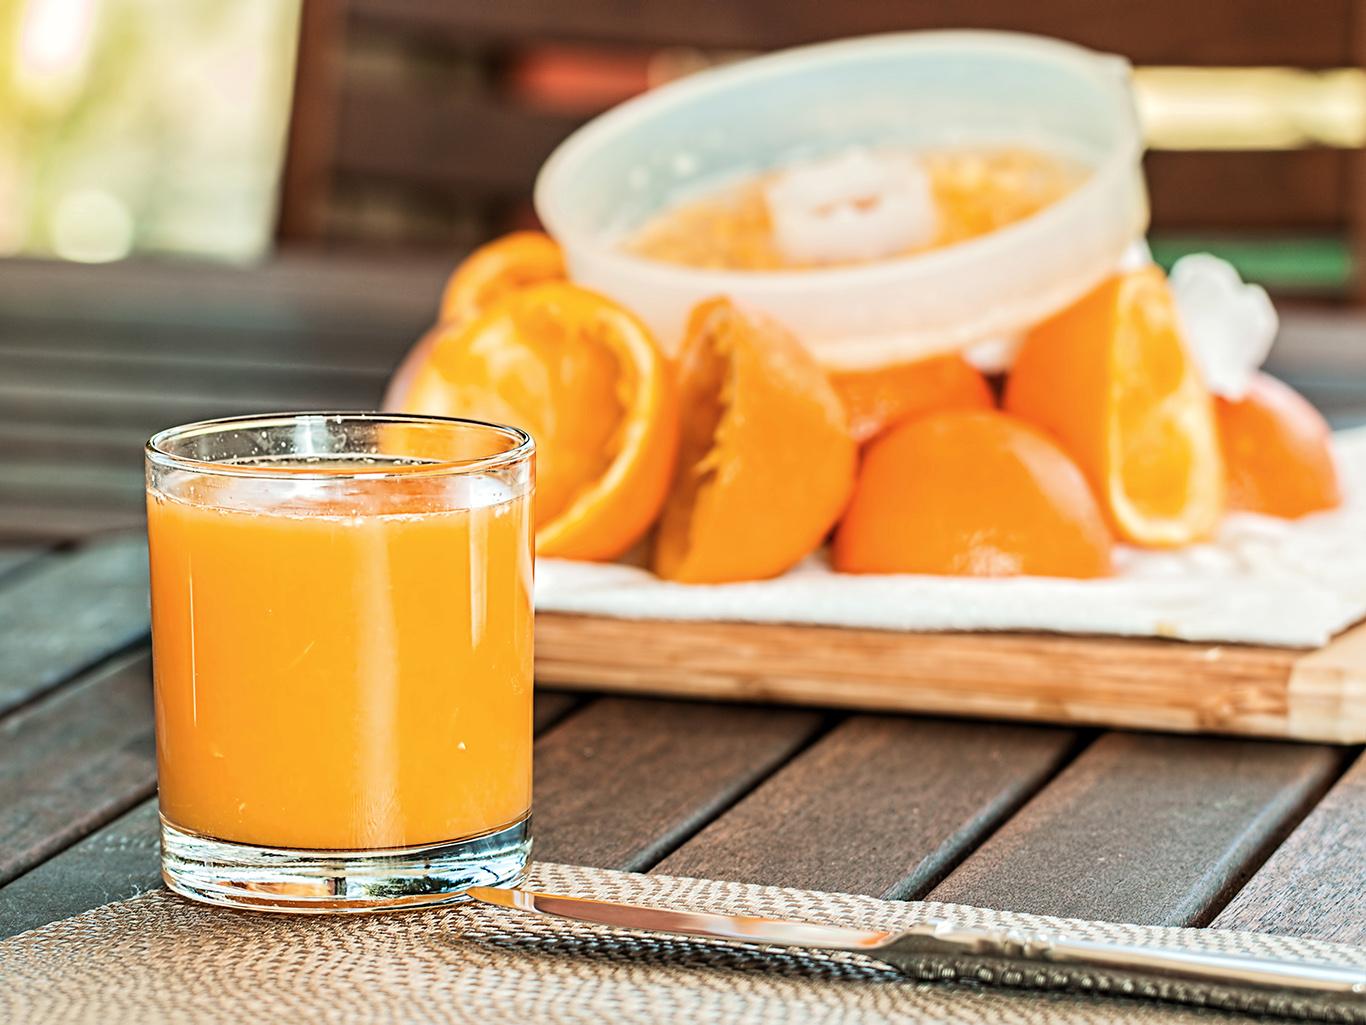 Как укрепить иммунитет: 5 рецептов полезных соков и коктейлей